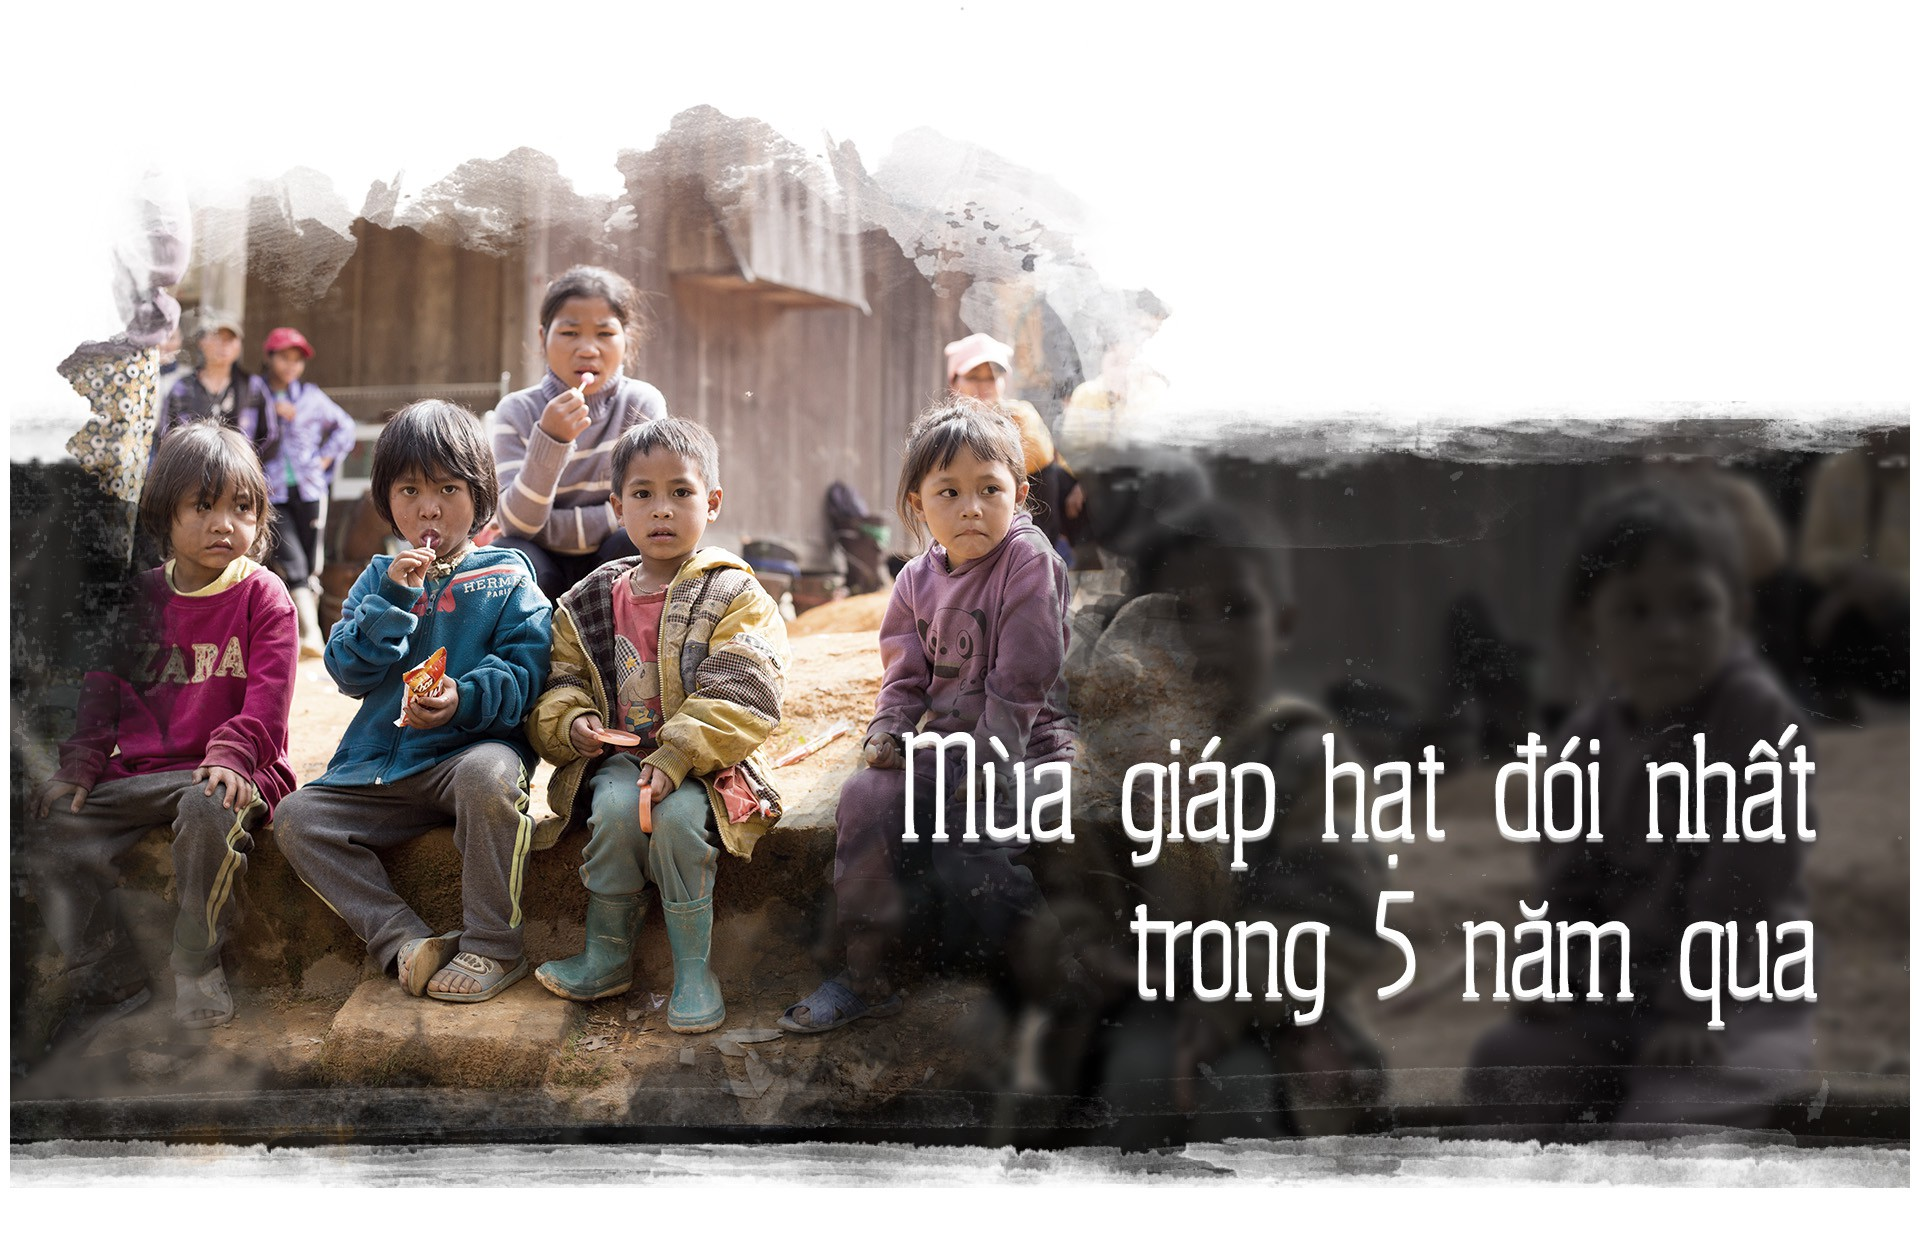 Hành trình cõng gạo cứu đói ở vùng biên của 70 người trẻ - Ảnh 6.